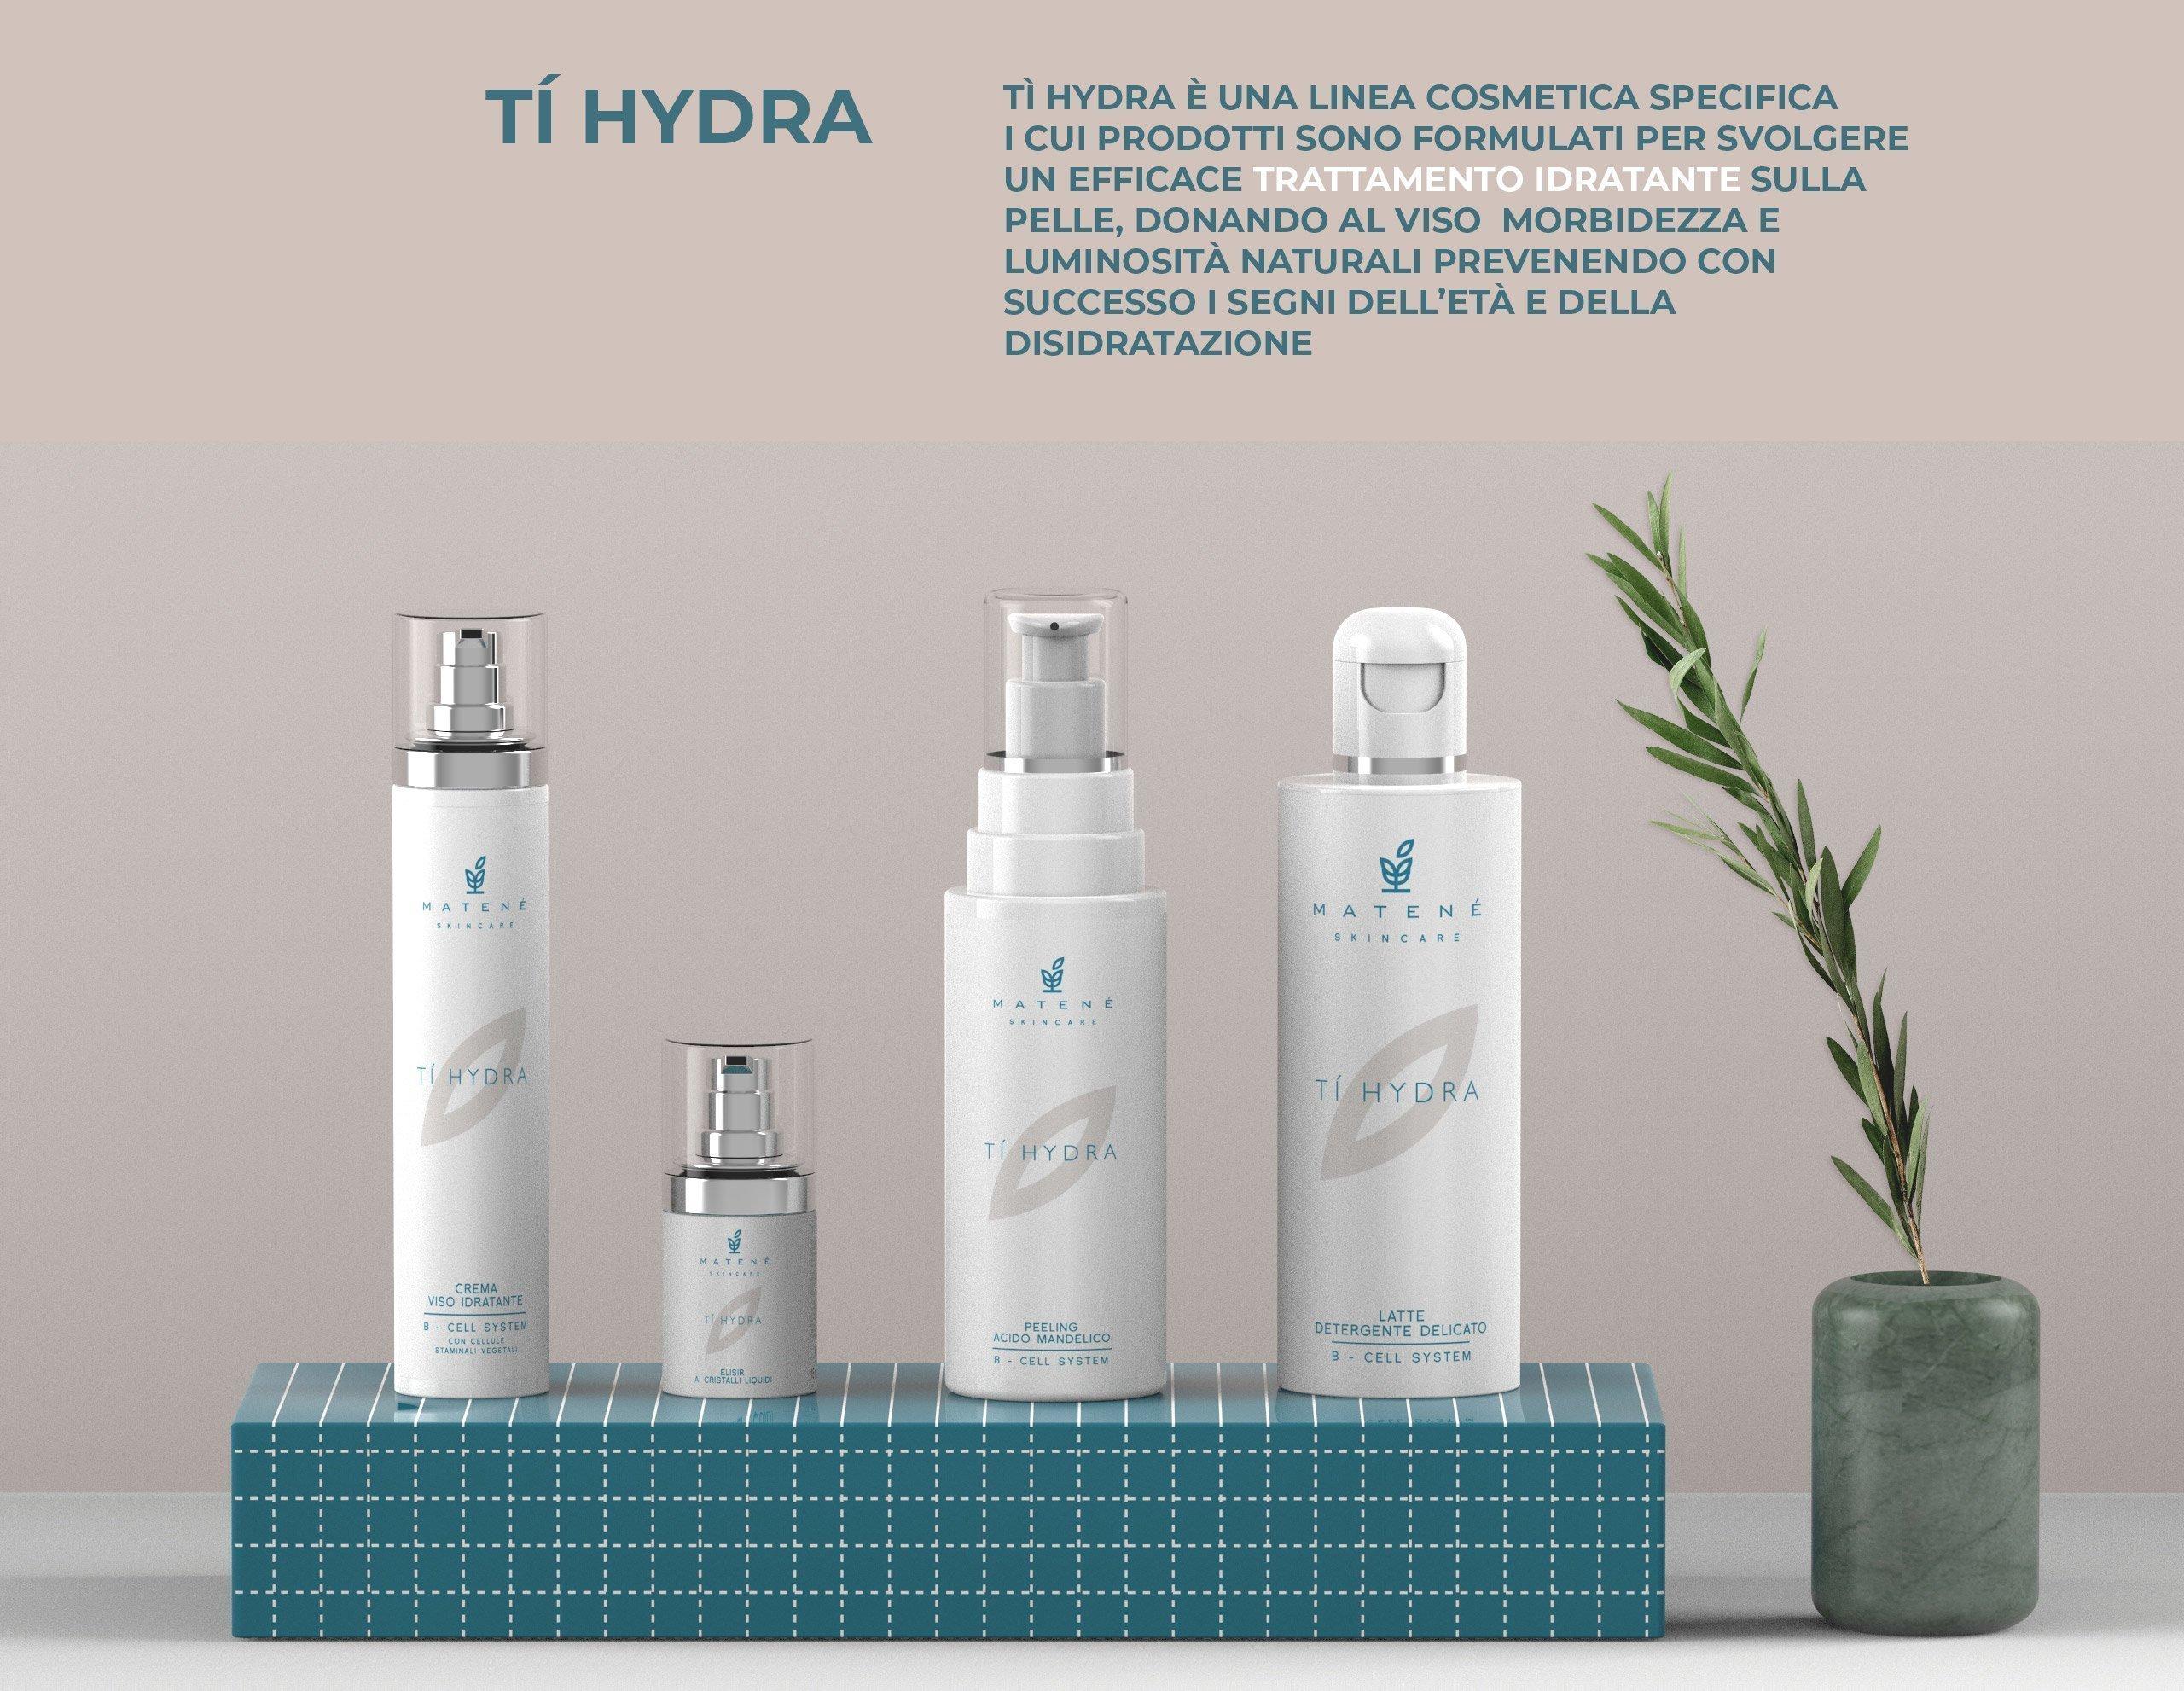 Tì Hydra